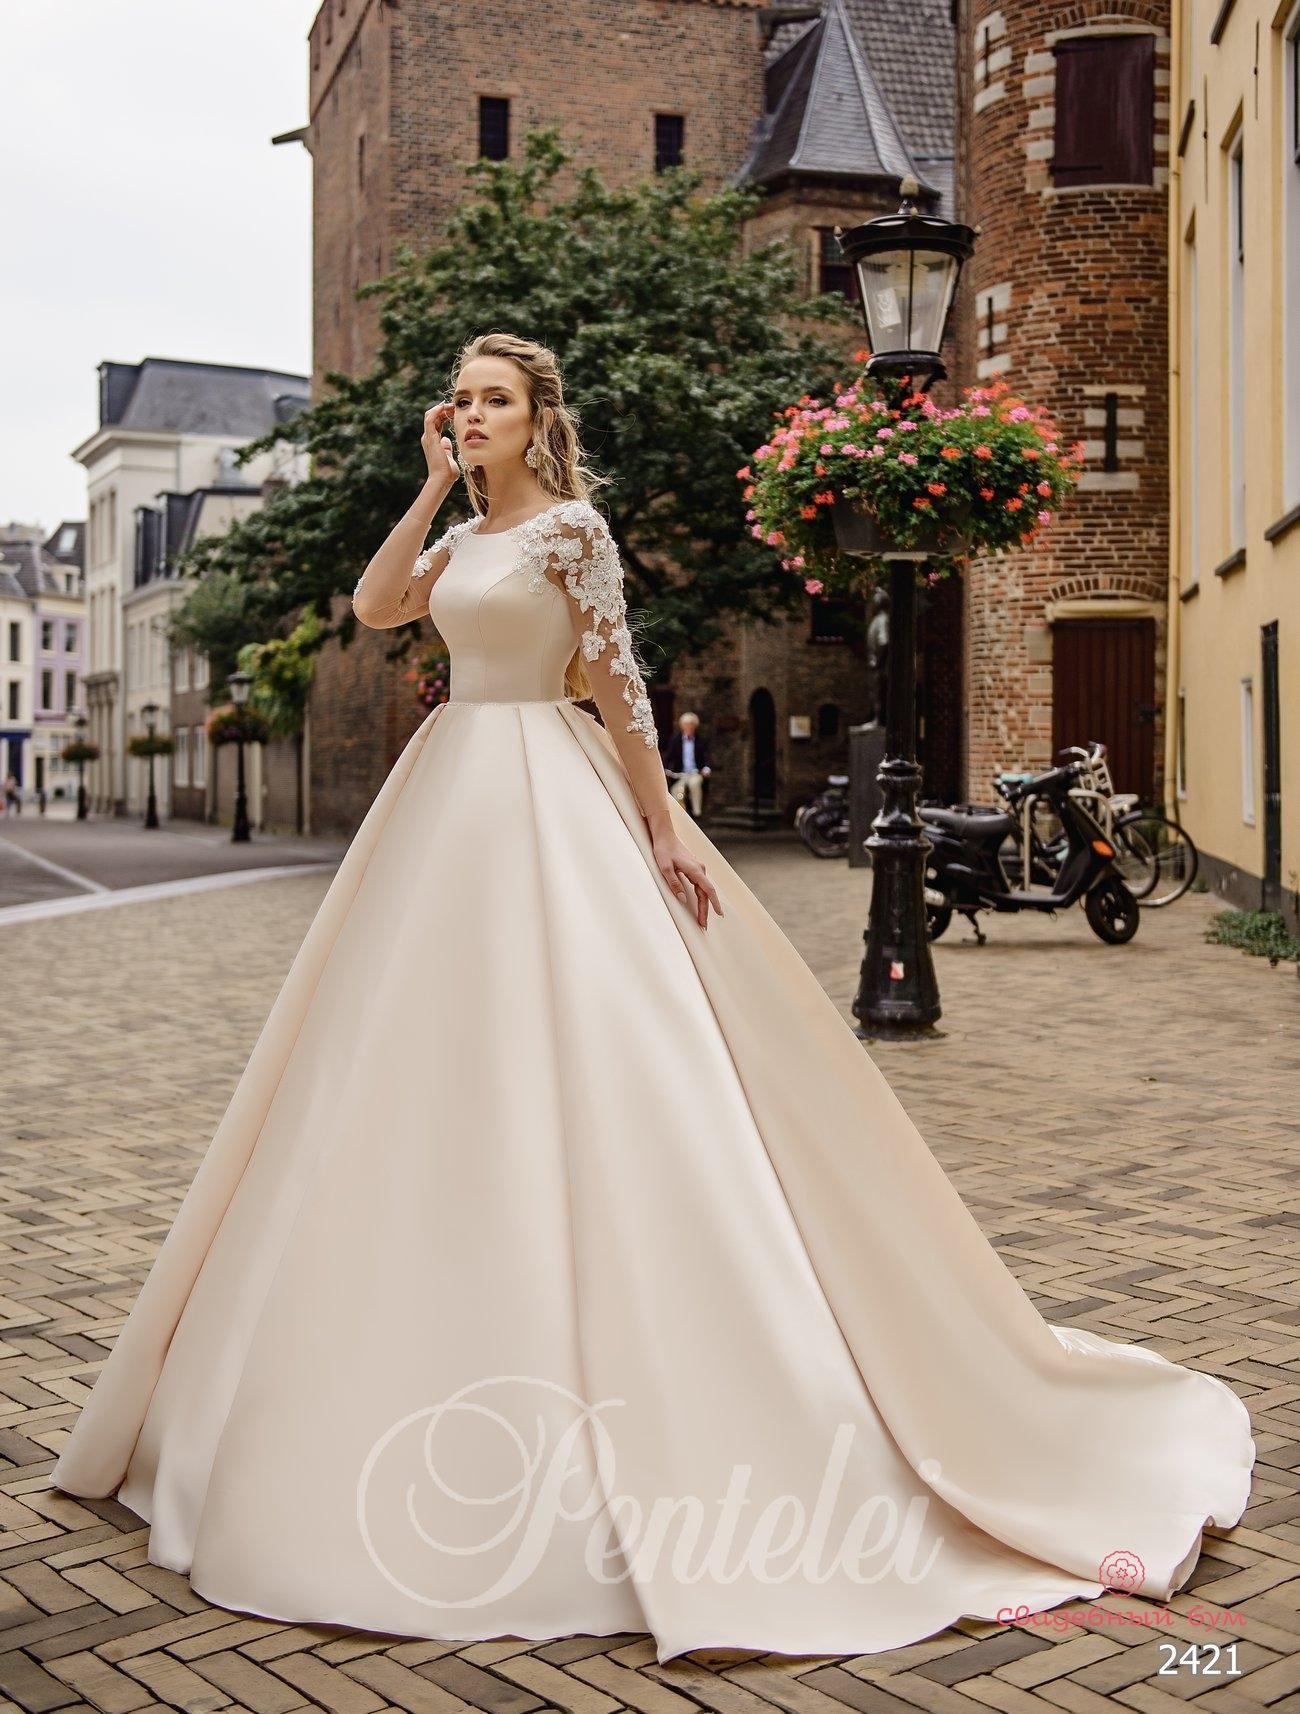 Весільня Сукня Pentelei 2421 - Інтернет-Магазин «Весільний